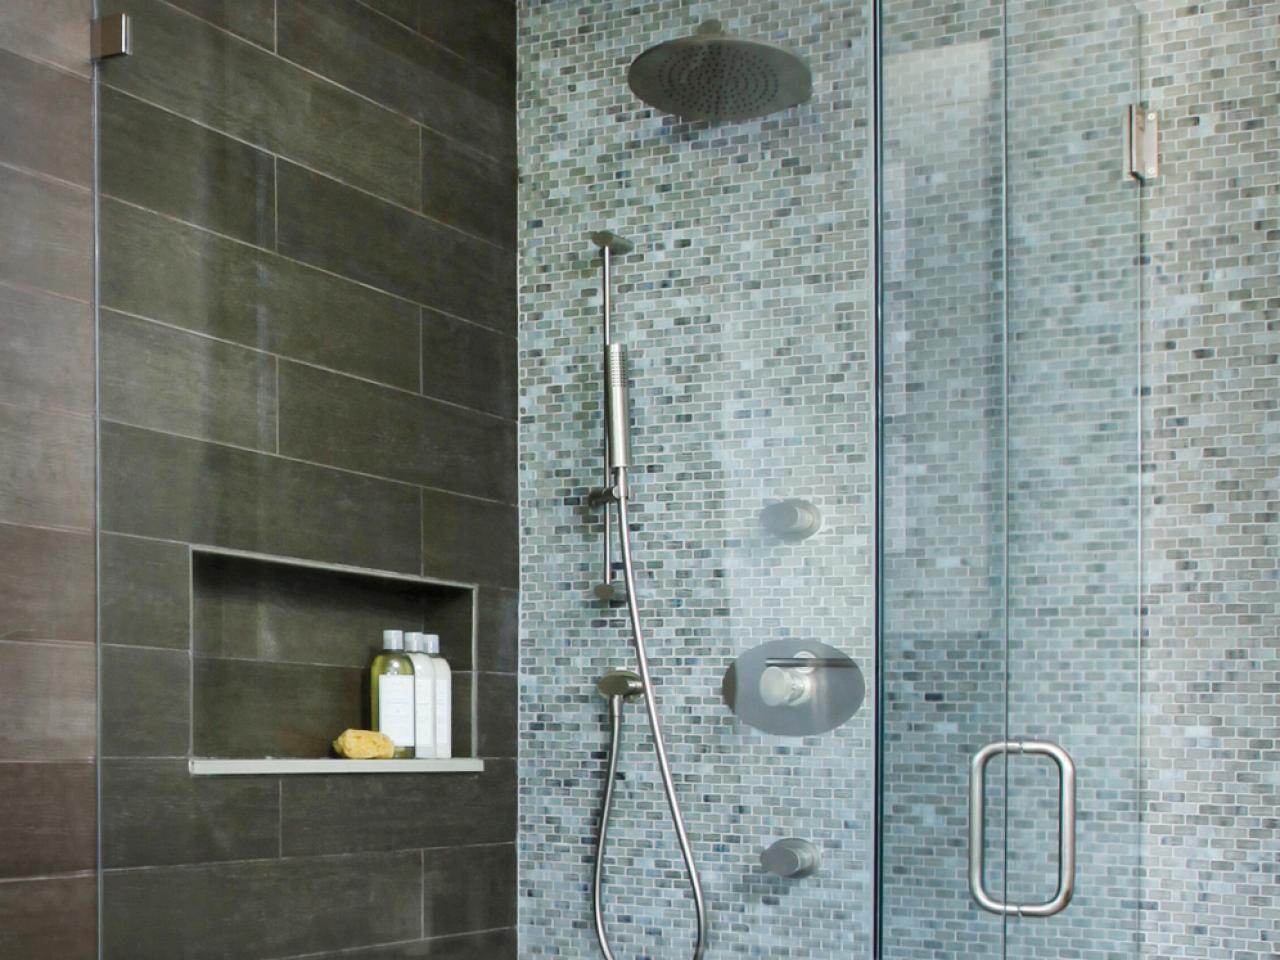 Amusante Moderne Bad Designs Mit Seife Lagerung 15 Wunderbare Moderne Badezimmer Entwurfe Kindermobel Modernes Badezimmer Bad Design Badezimmer